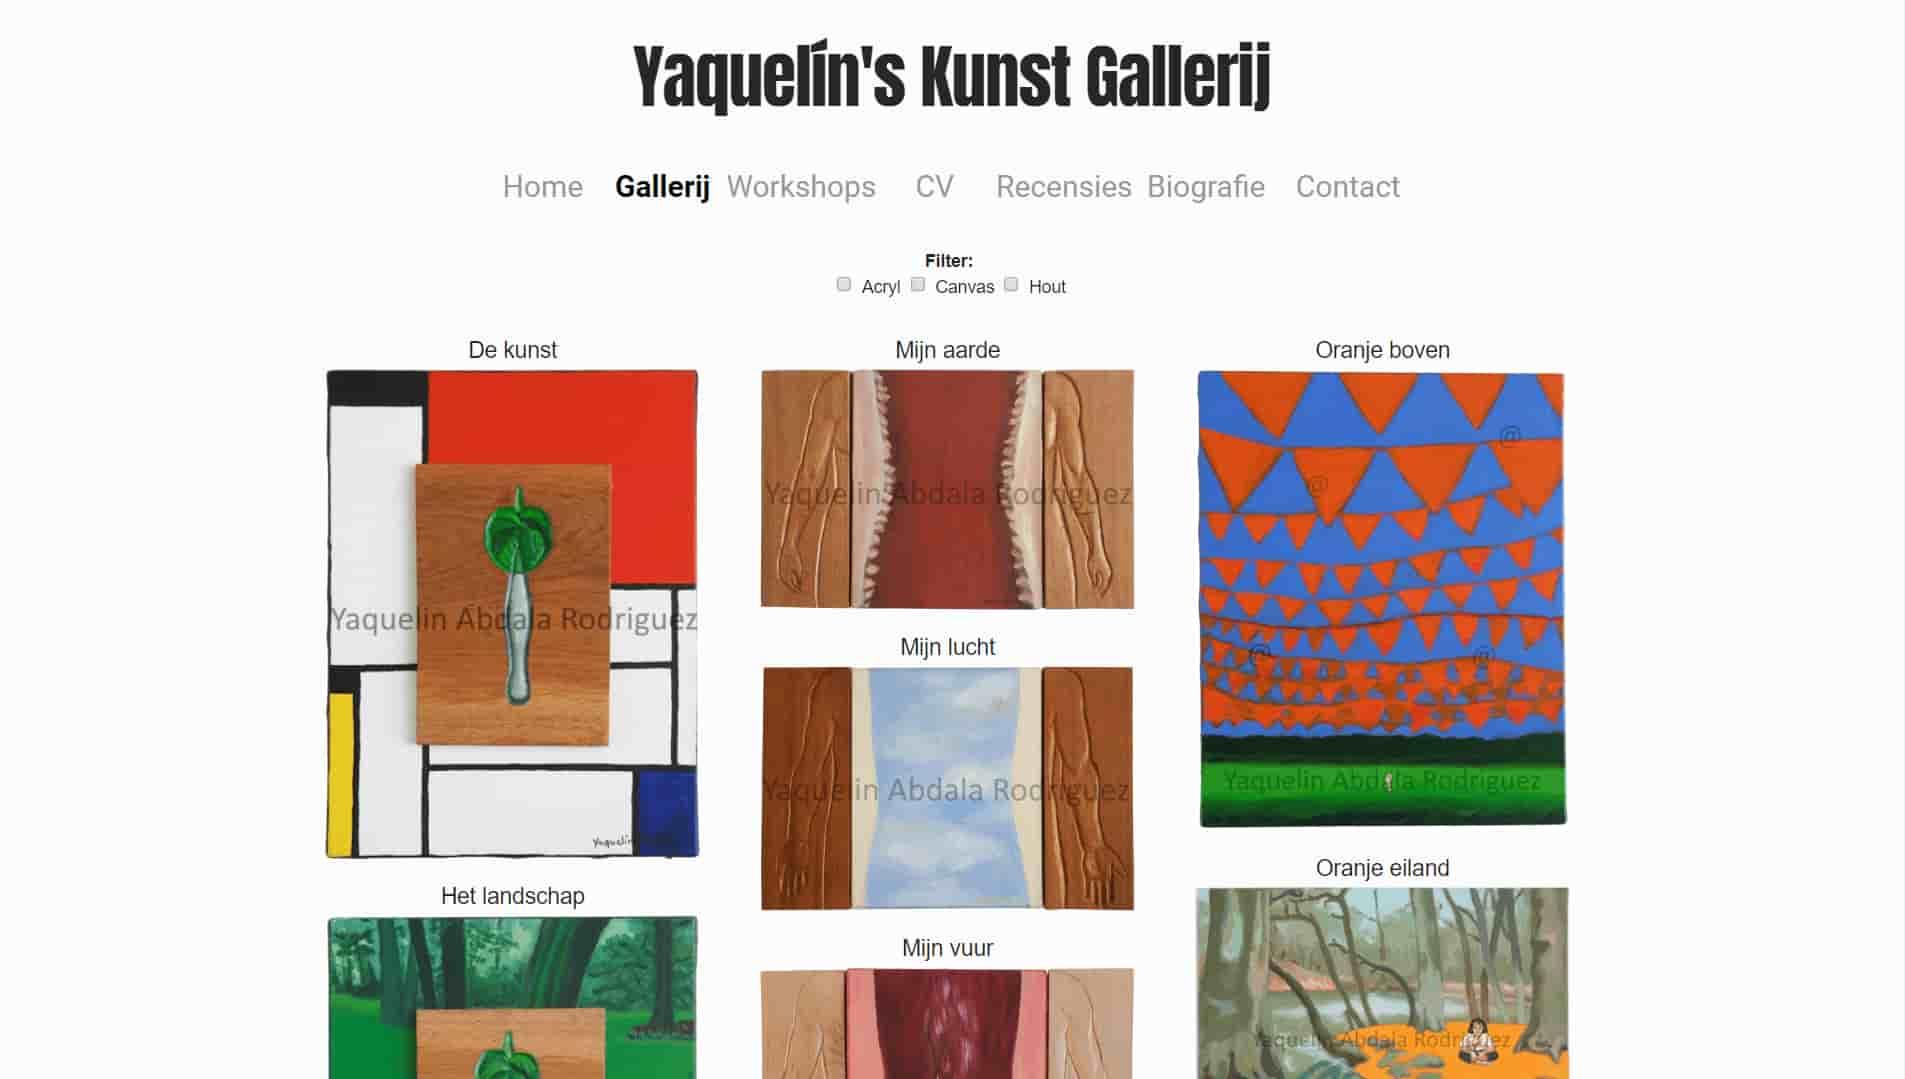 Yaquelín's Kunst Galerij